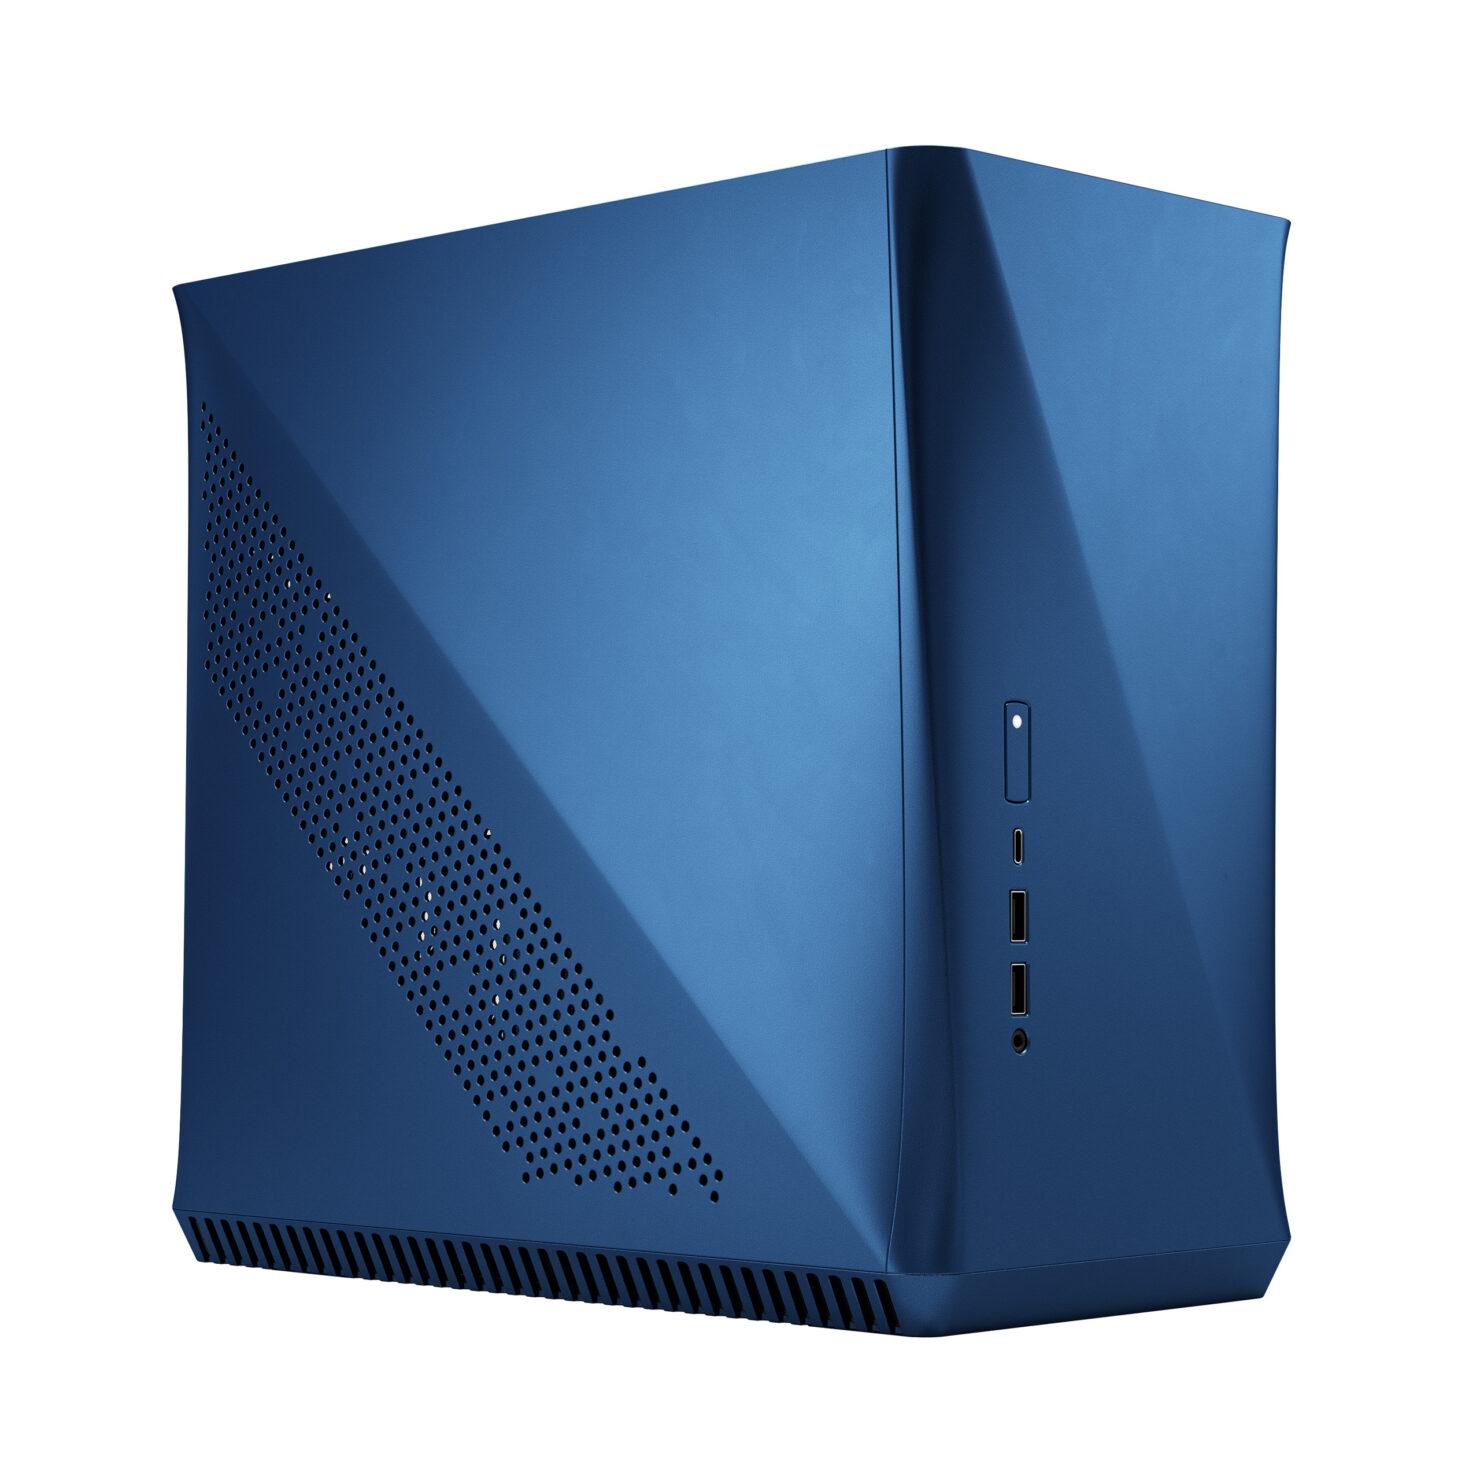 Intel Fractal Design PC case كيس